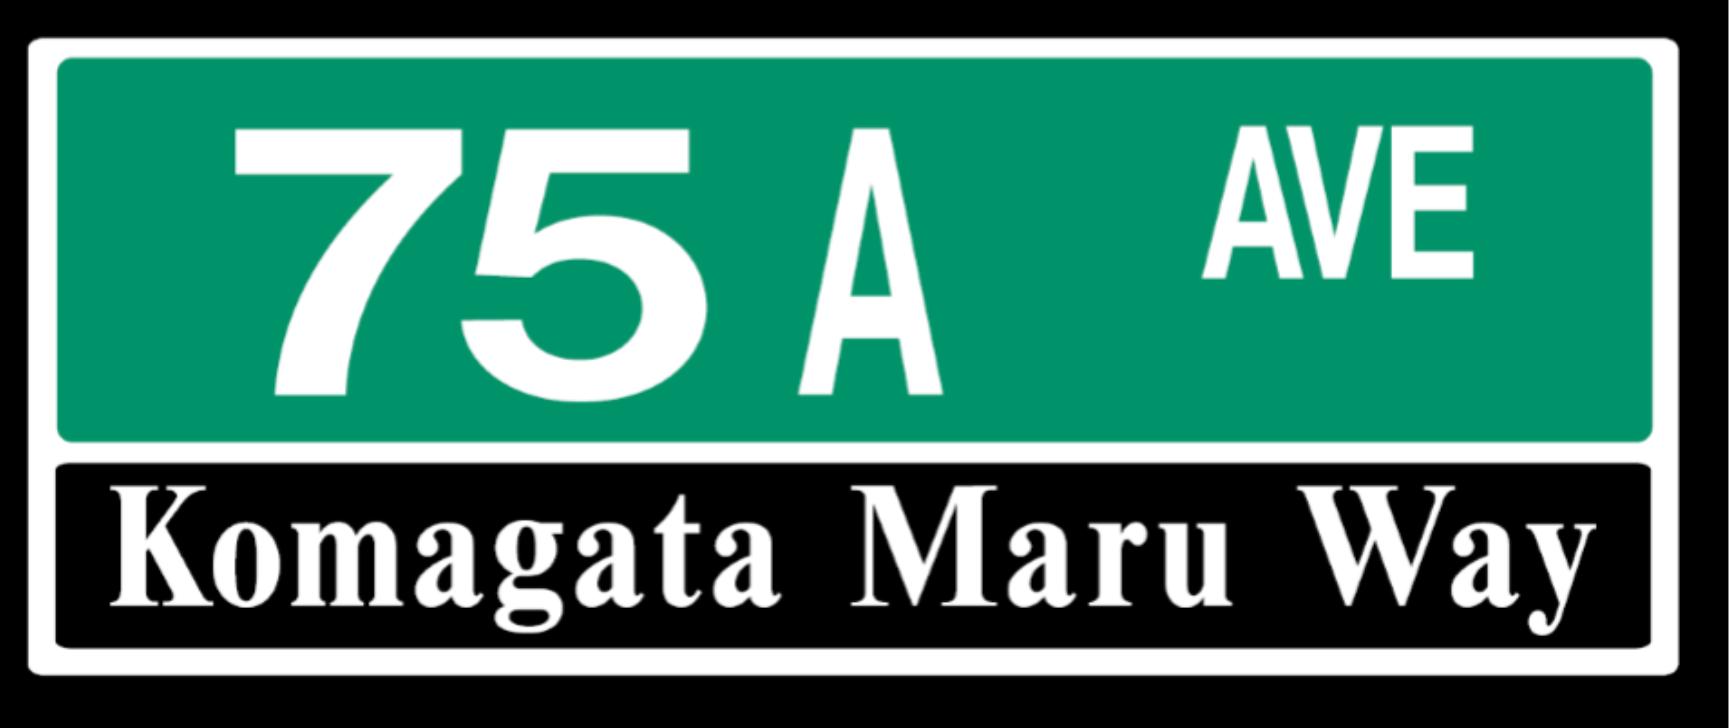 Surrey mulls Komagata Maru memorial street